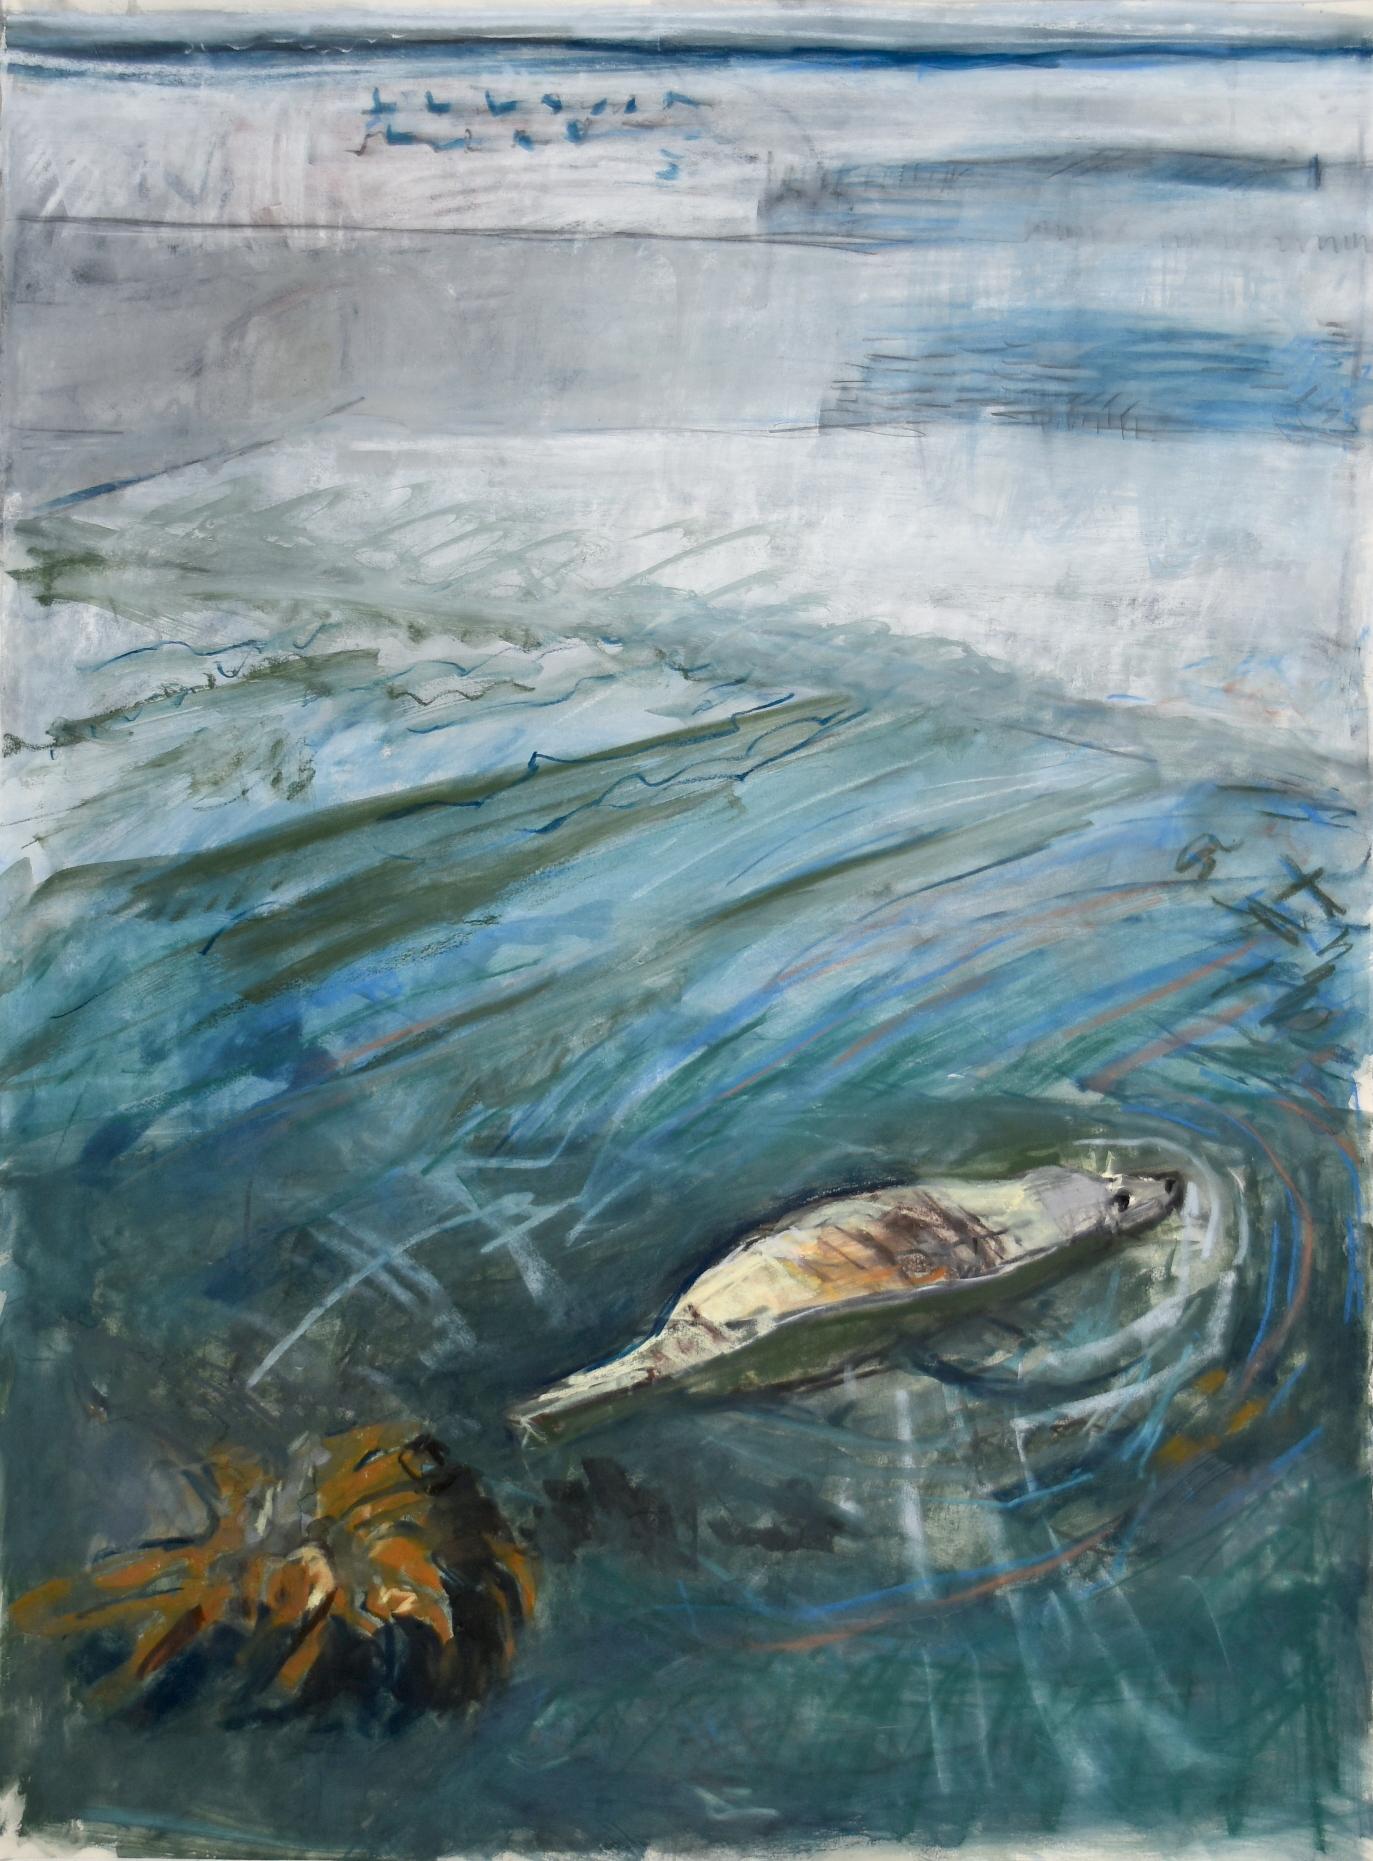 <p>Mooching Seal by Kittie Jones</p>